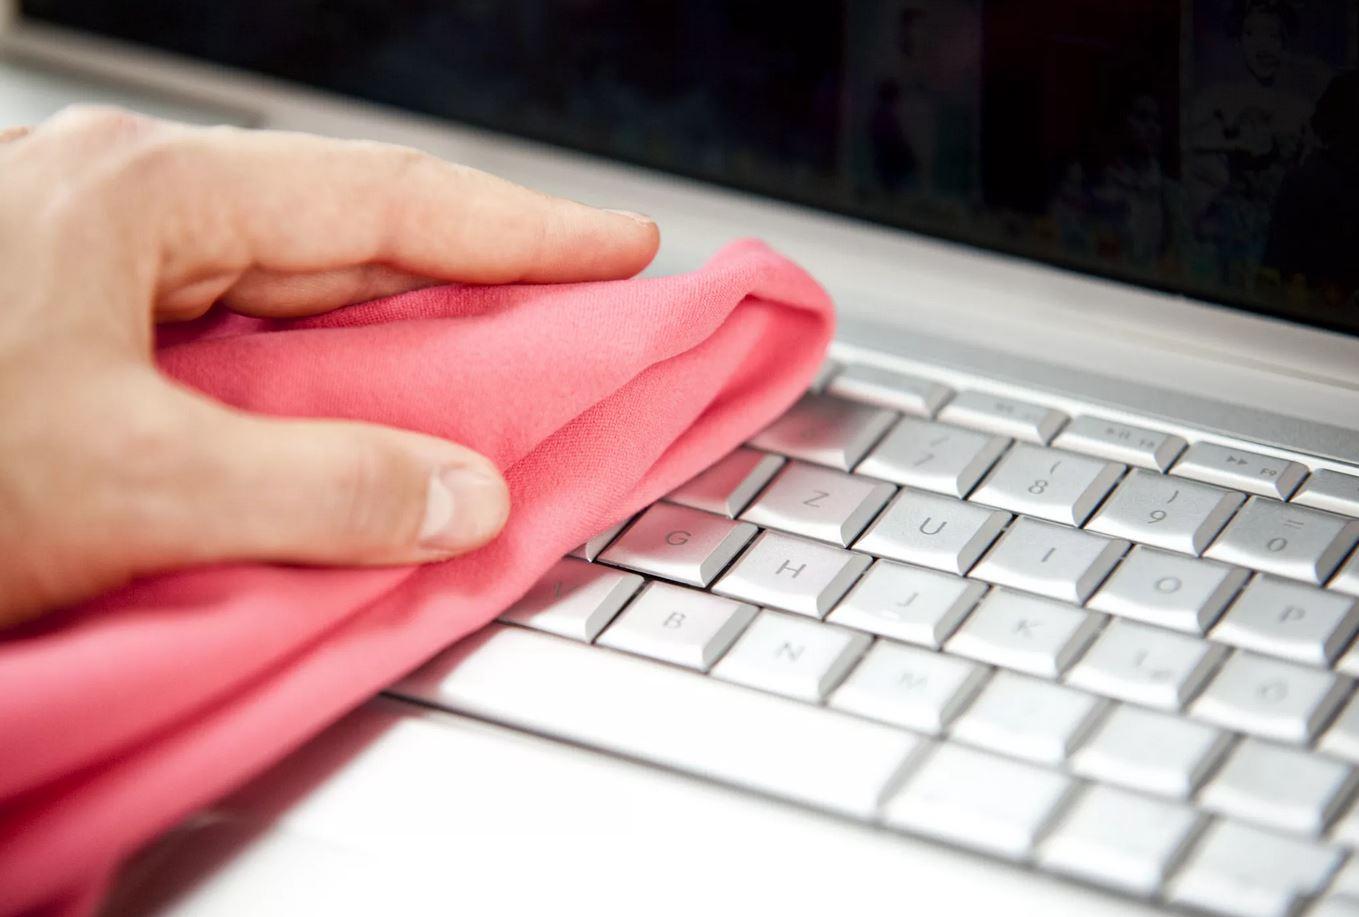 La limpieza del portátil alarga su vida